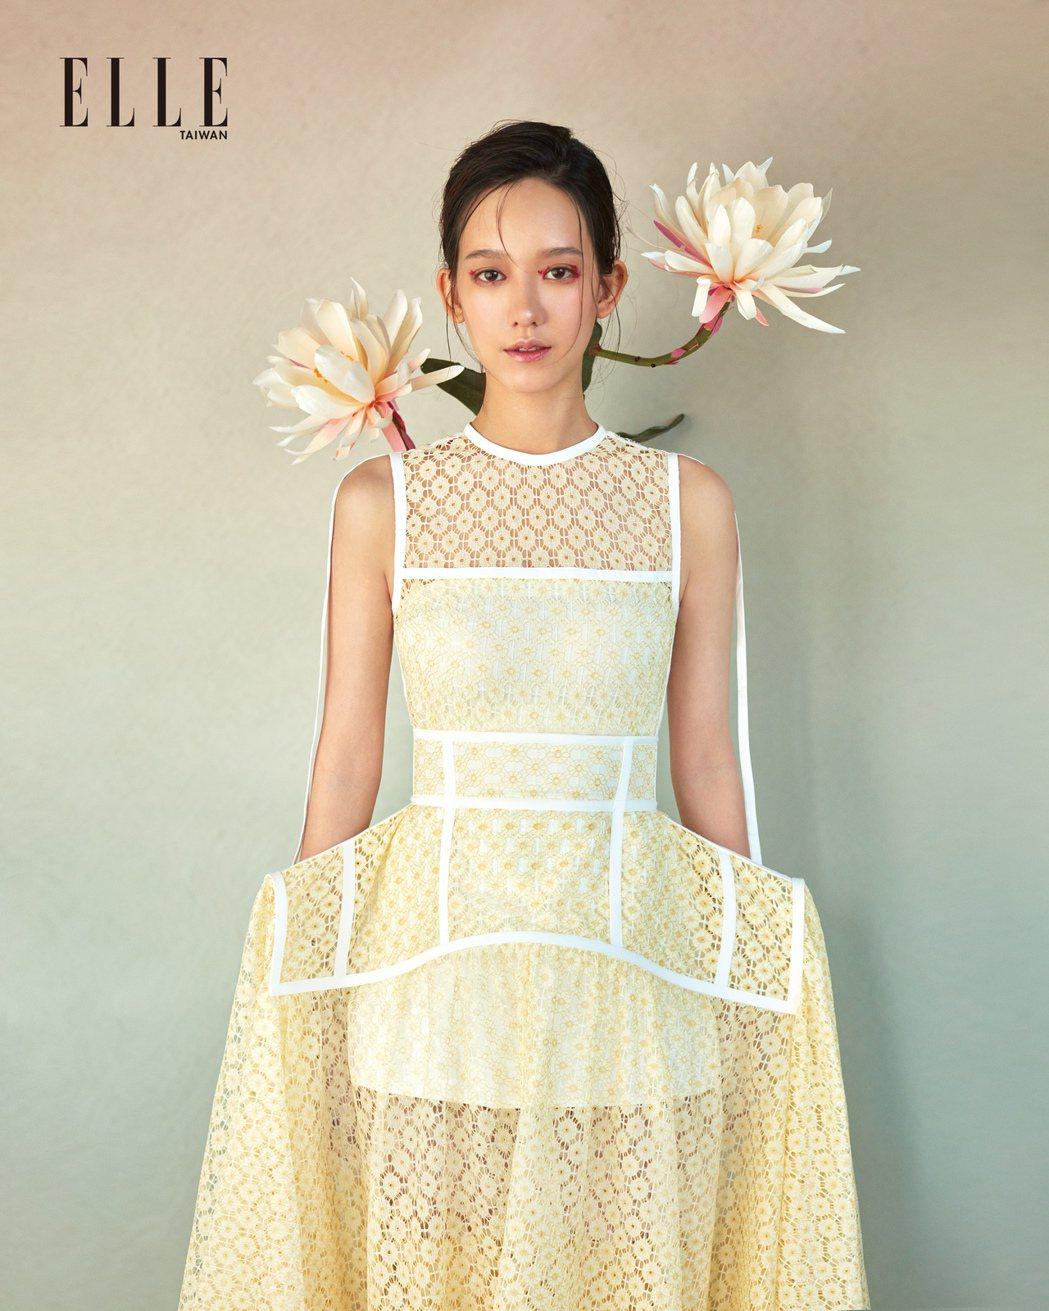 孟耿如成為新嫁娘,卻對穿婚紗很無感。圖/ELLE提供